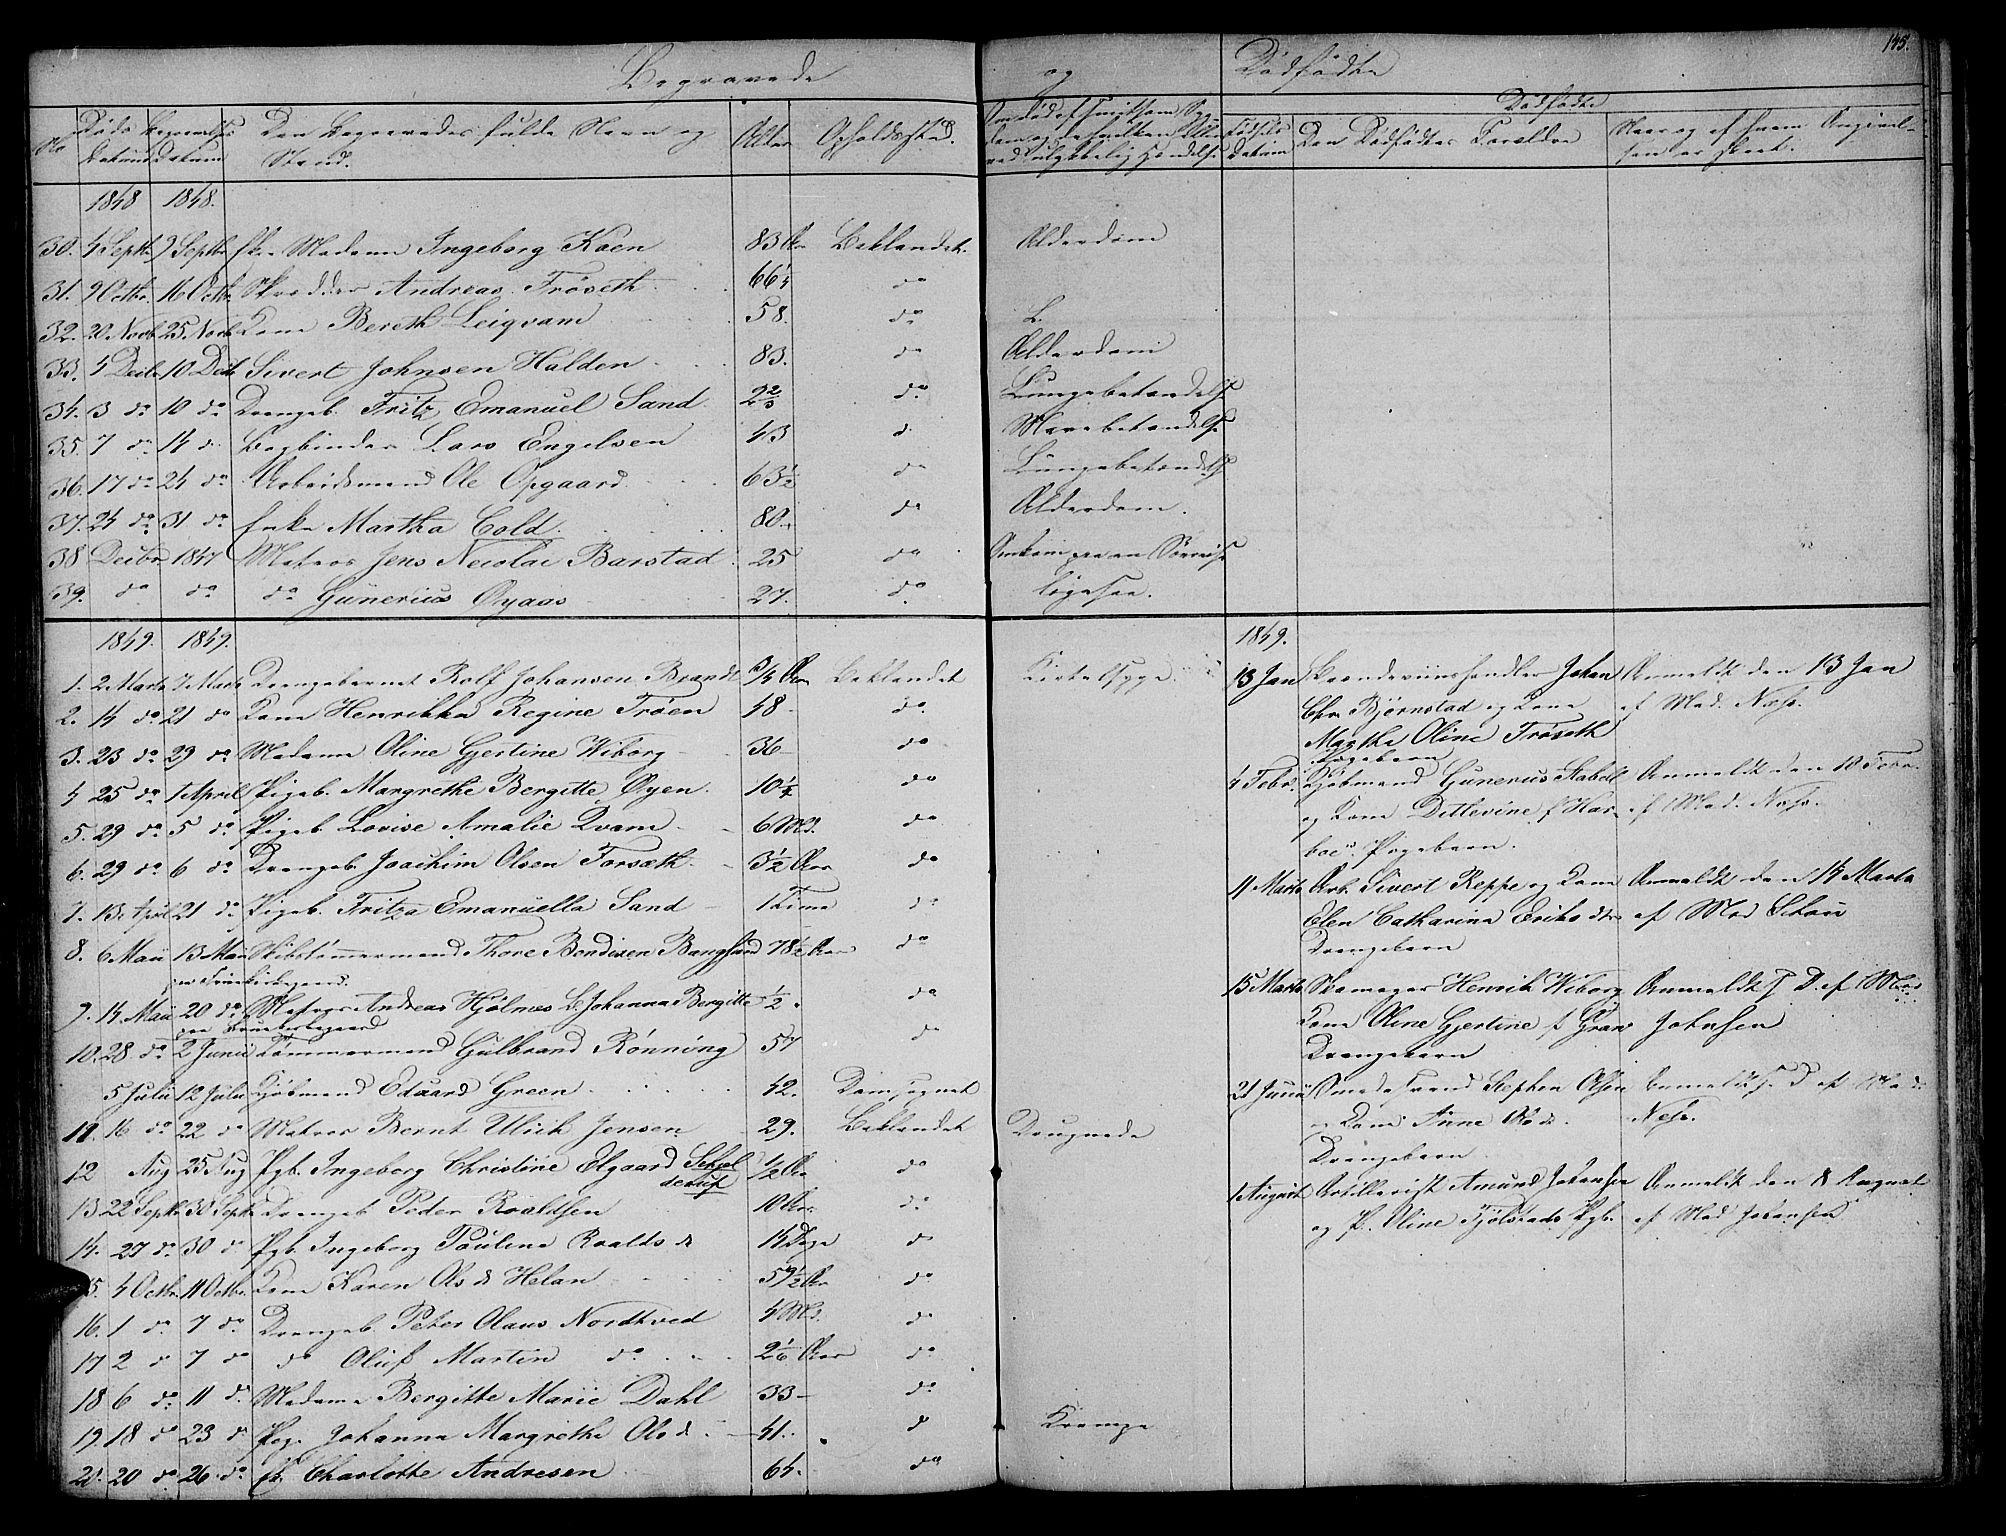 SAT, Ministerialprotokoller, klokkerbøker og fødselsregistre - Sør-Trøndelag, 604/L0182: Ministerialbok nr. 604A03, 1818-1850, s. 145